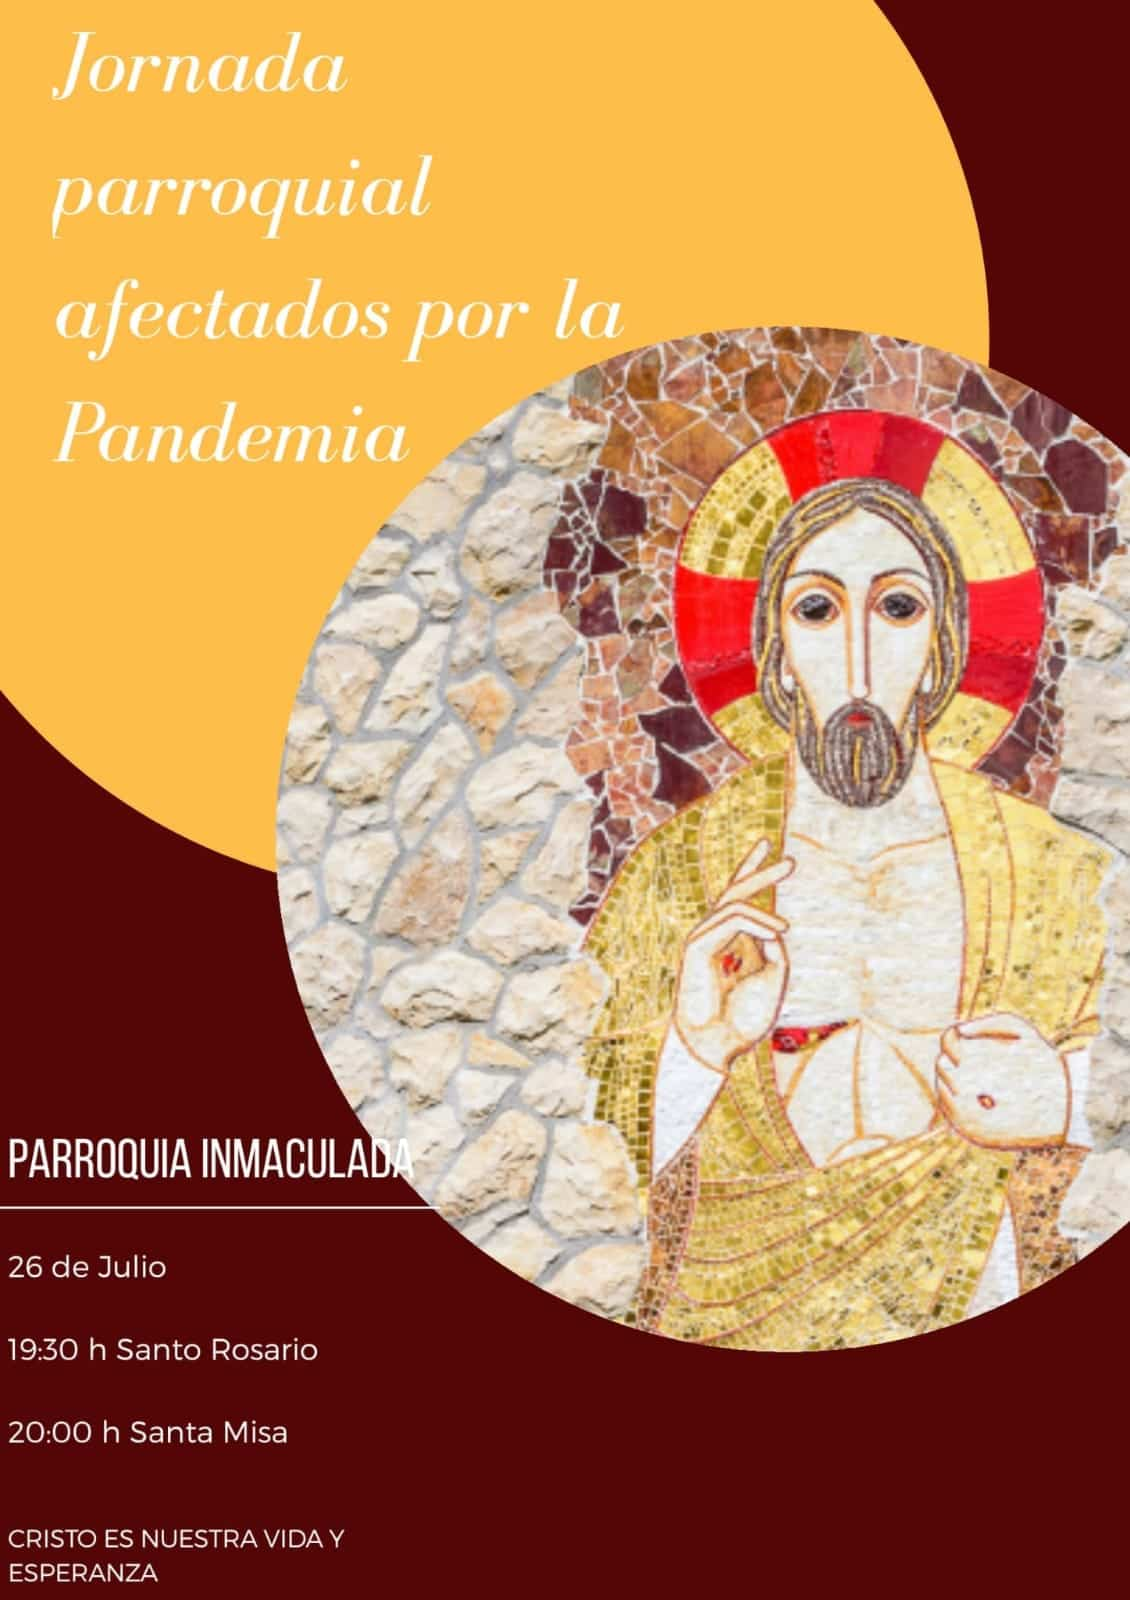 Jornada parroquial por los afectados por la pandemia COVID-19 11